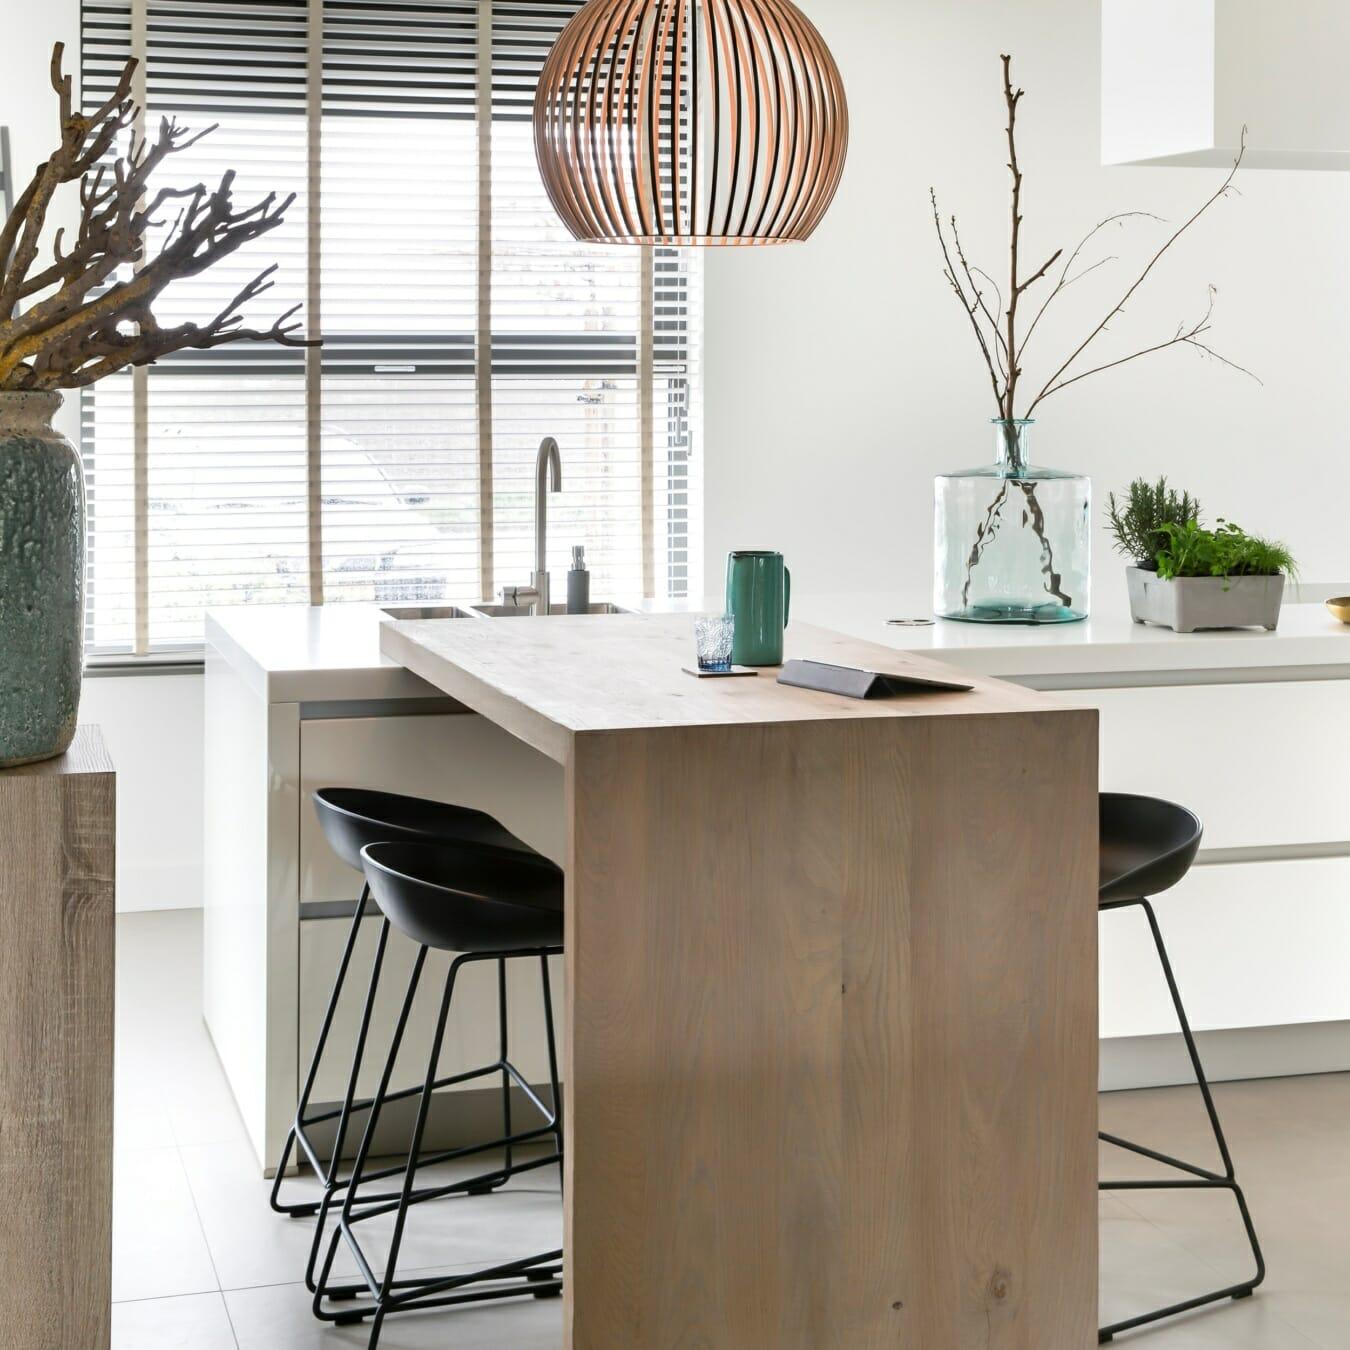 Witte houten jaloezieën in de eetkamer